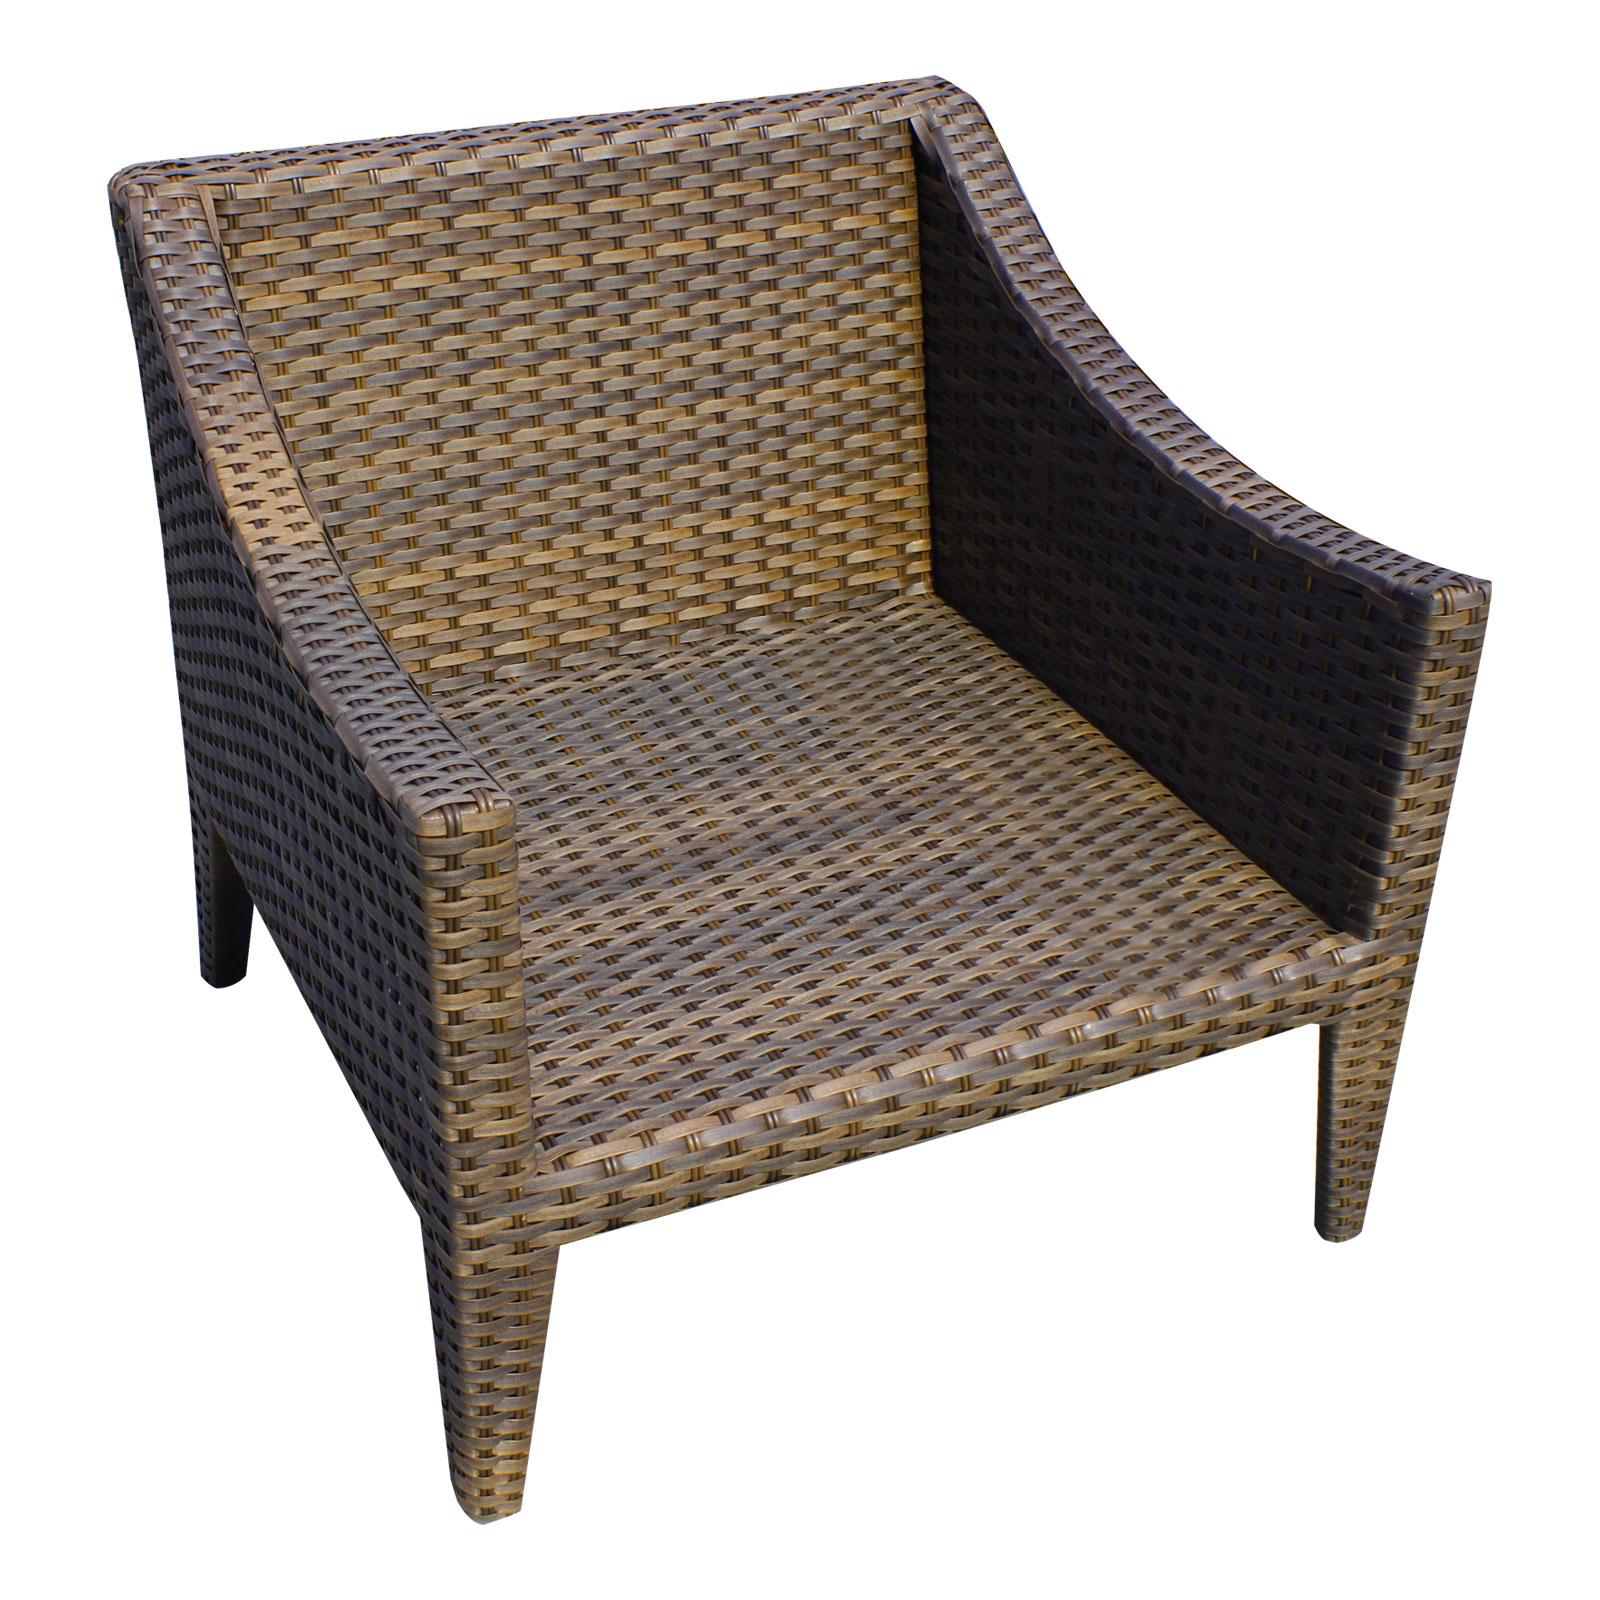 Manhattan 3 Piece Outdoor Wicker Patio Furniture Set 03b